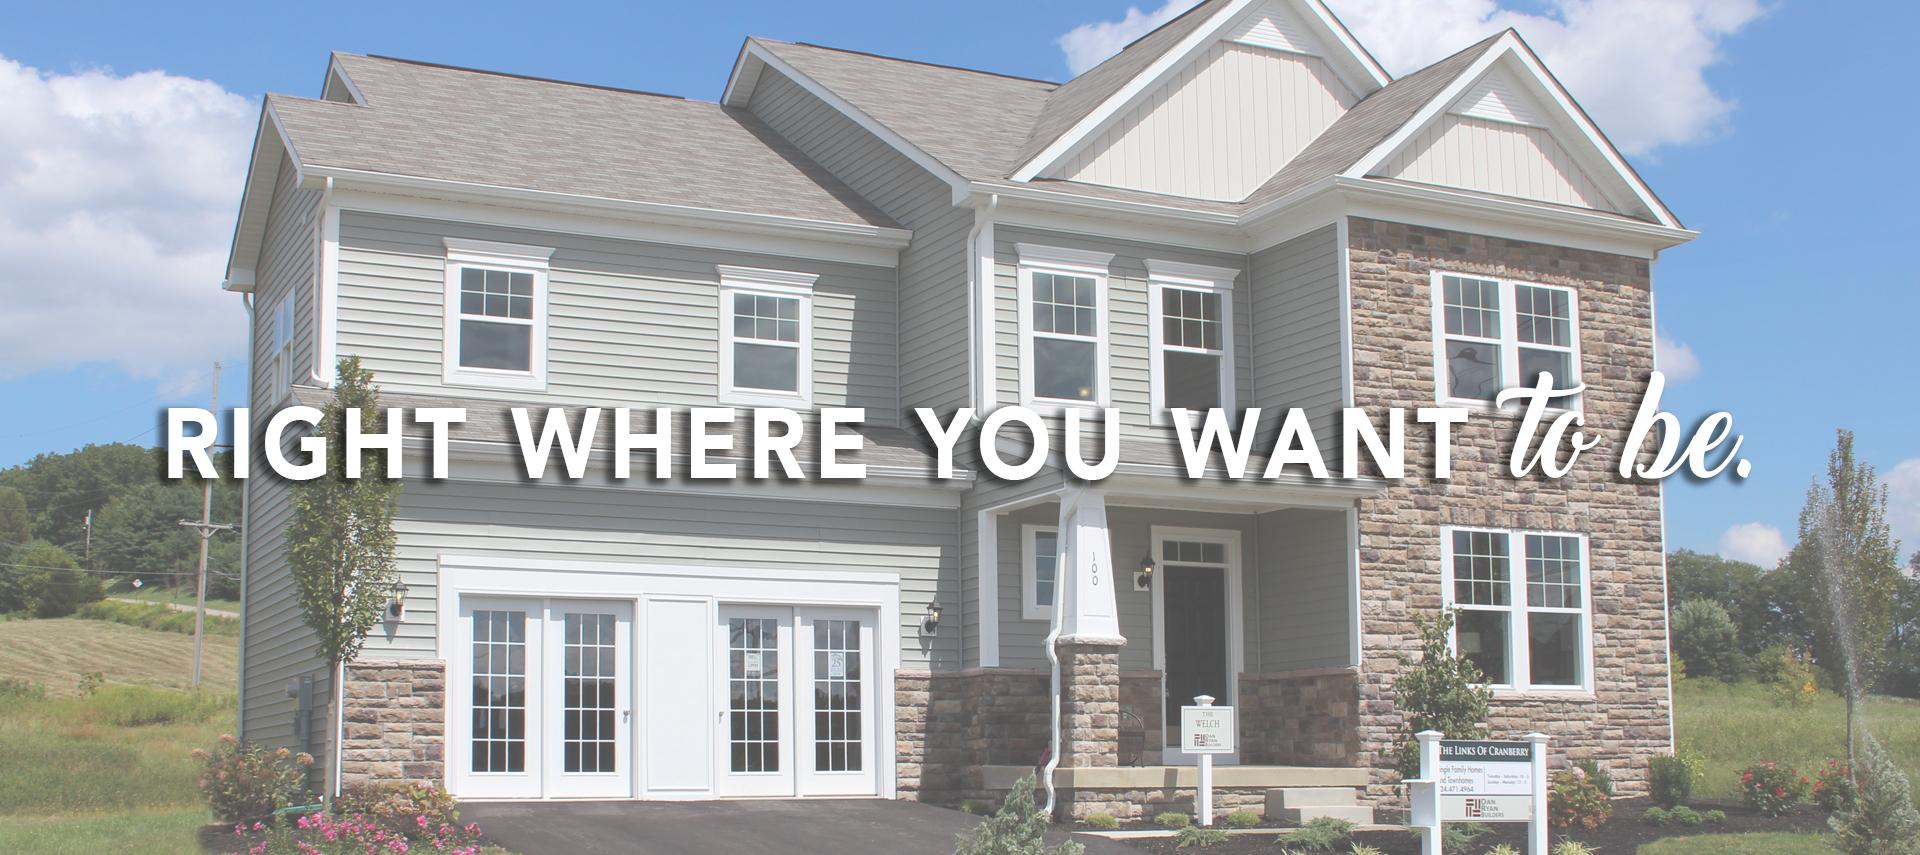 Ryan Homes Job Opportunities